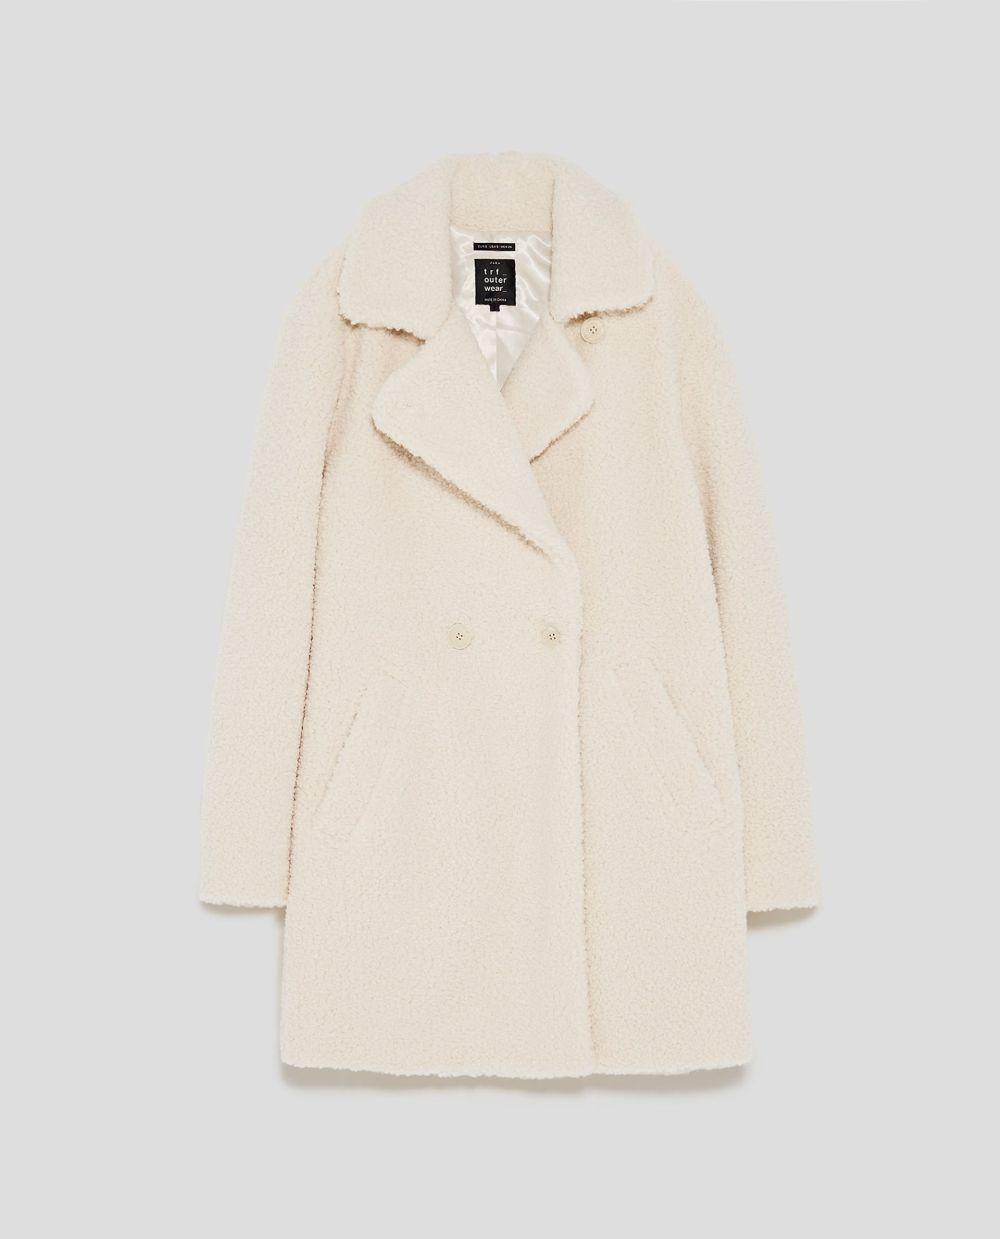 Abrigo con efecto borreguito de Zara (59,95 euros)